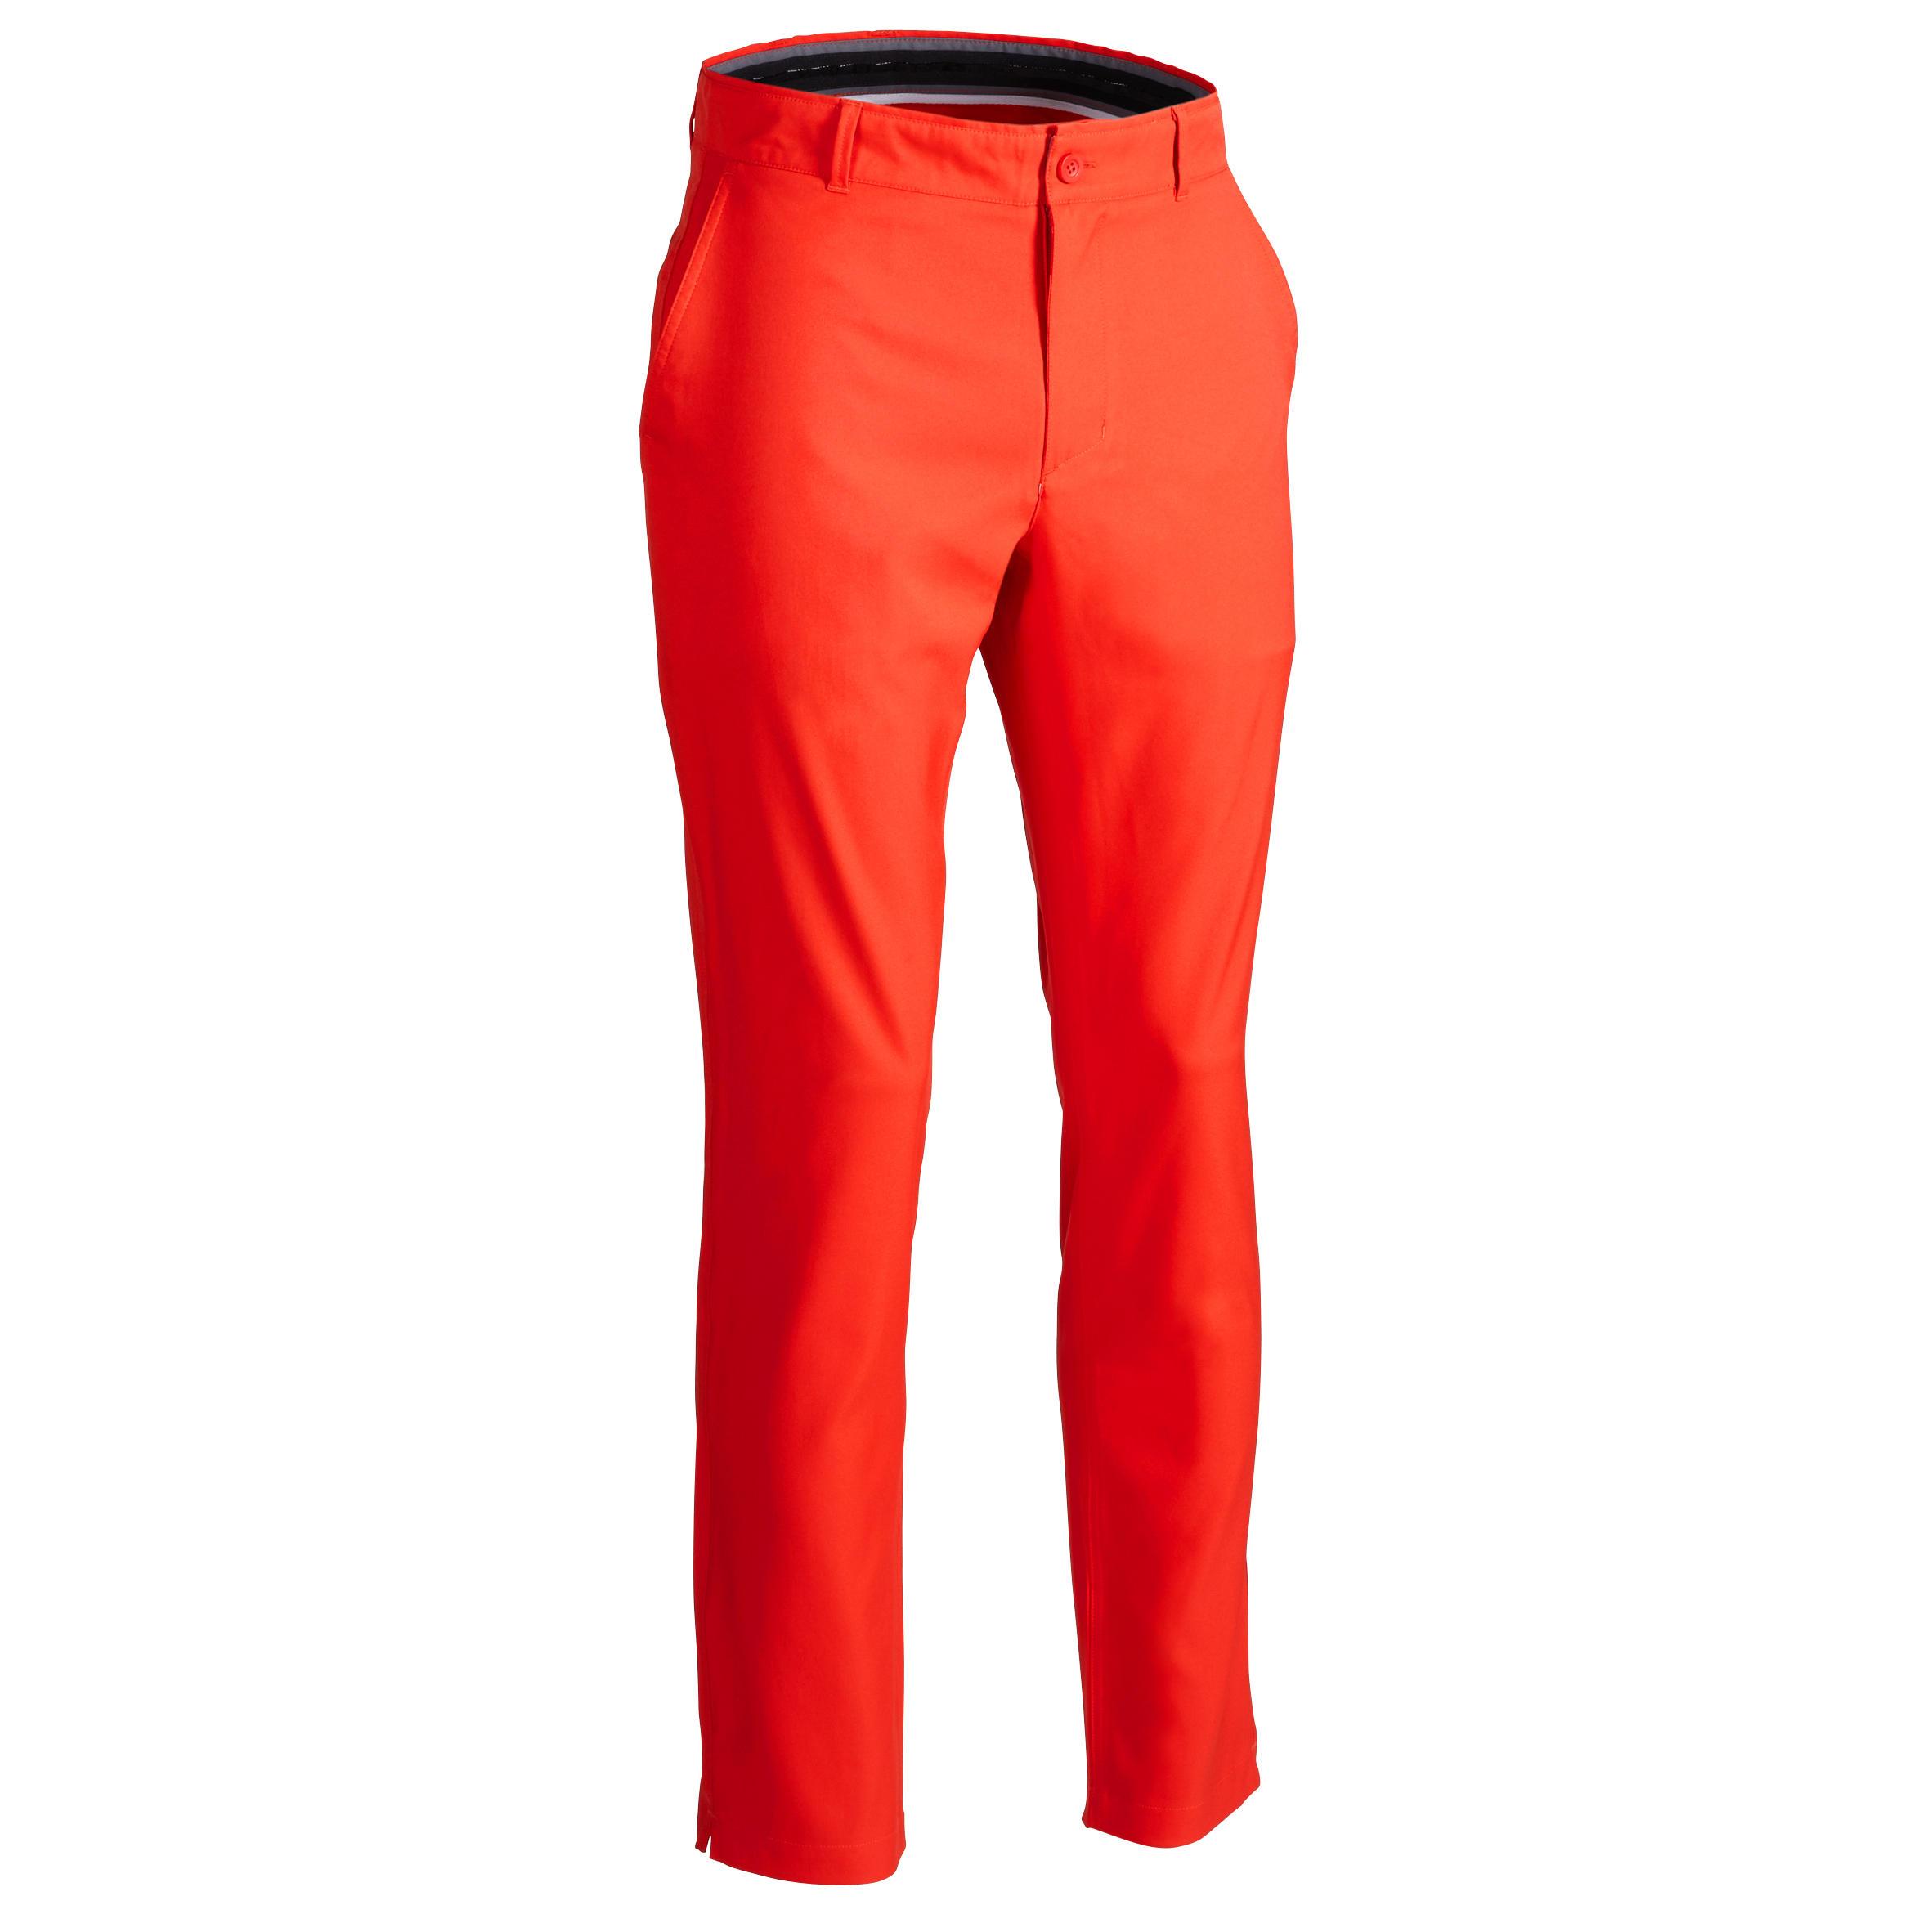 Pantalón de golf hombre 900 para clima caluroso, rojo